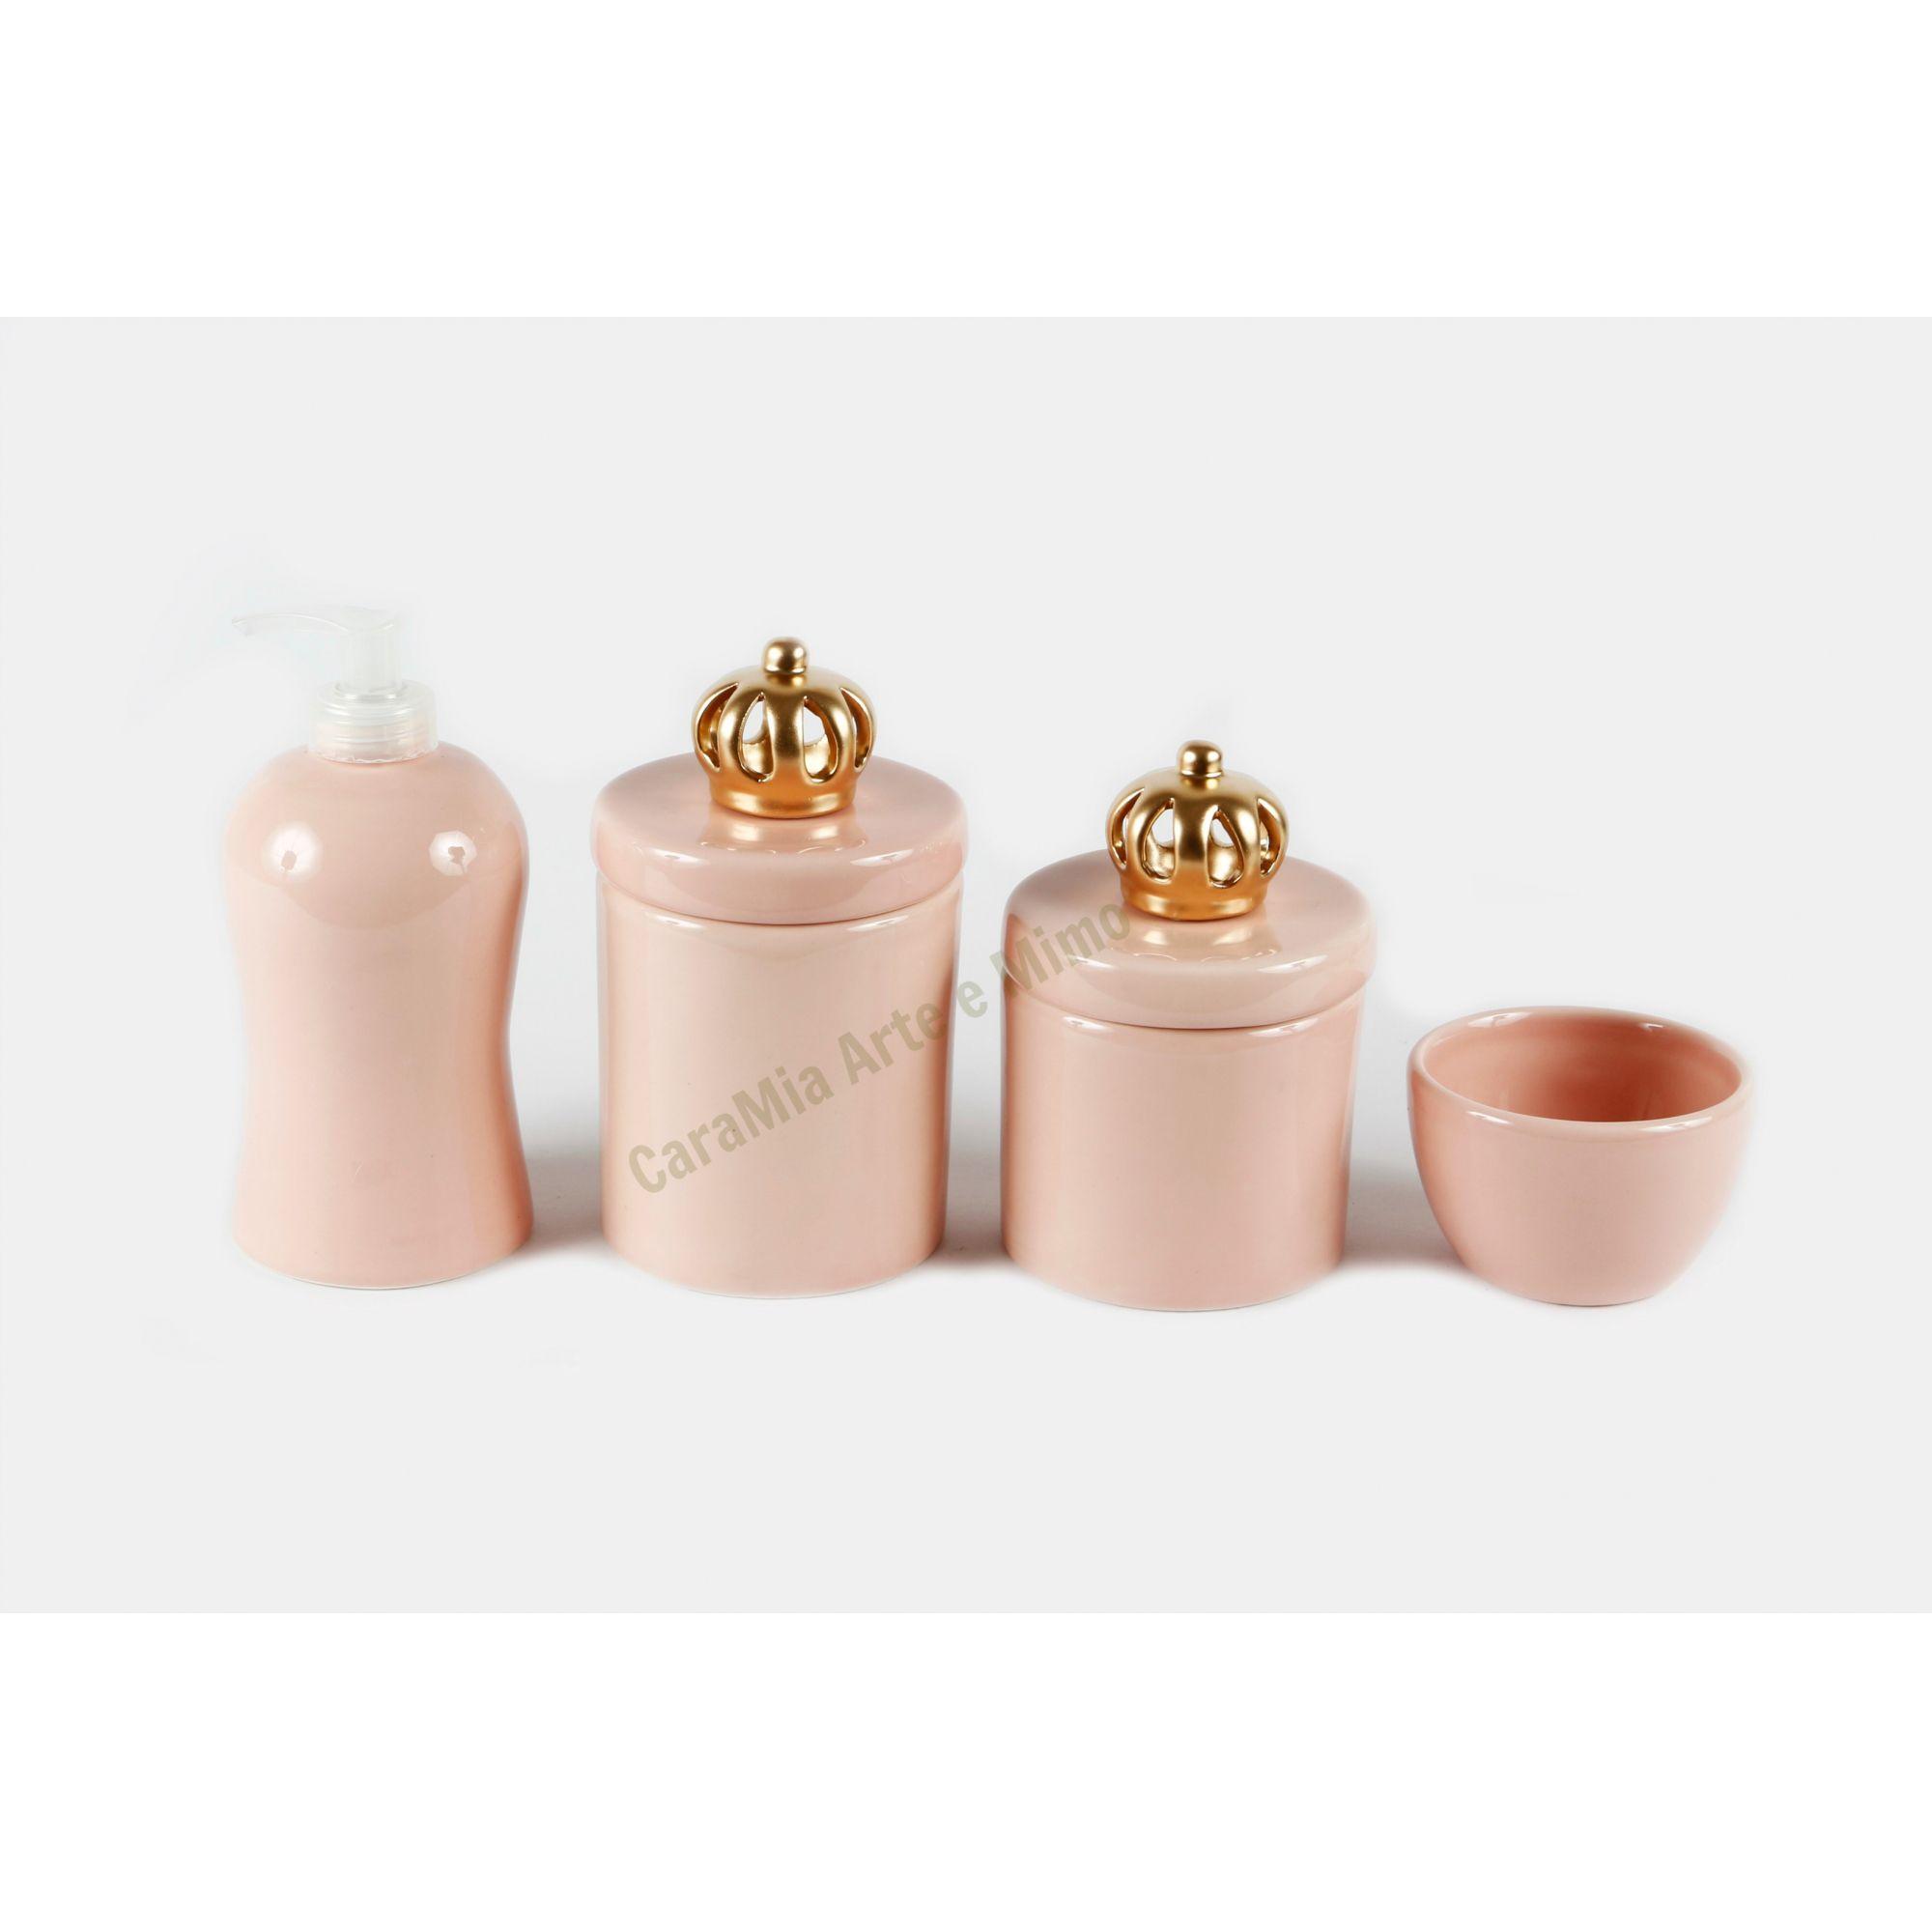 Kit Higiene Bebê Cerâmica Rosa Antigo |Rosê| 4 peças| Apliques de Coroa Dourada